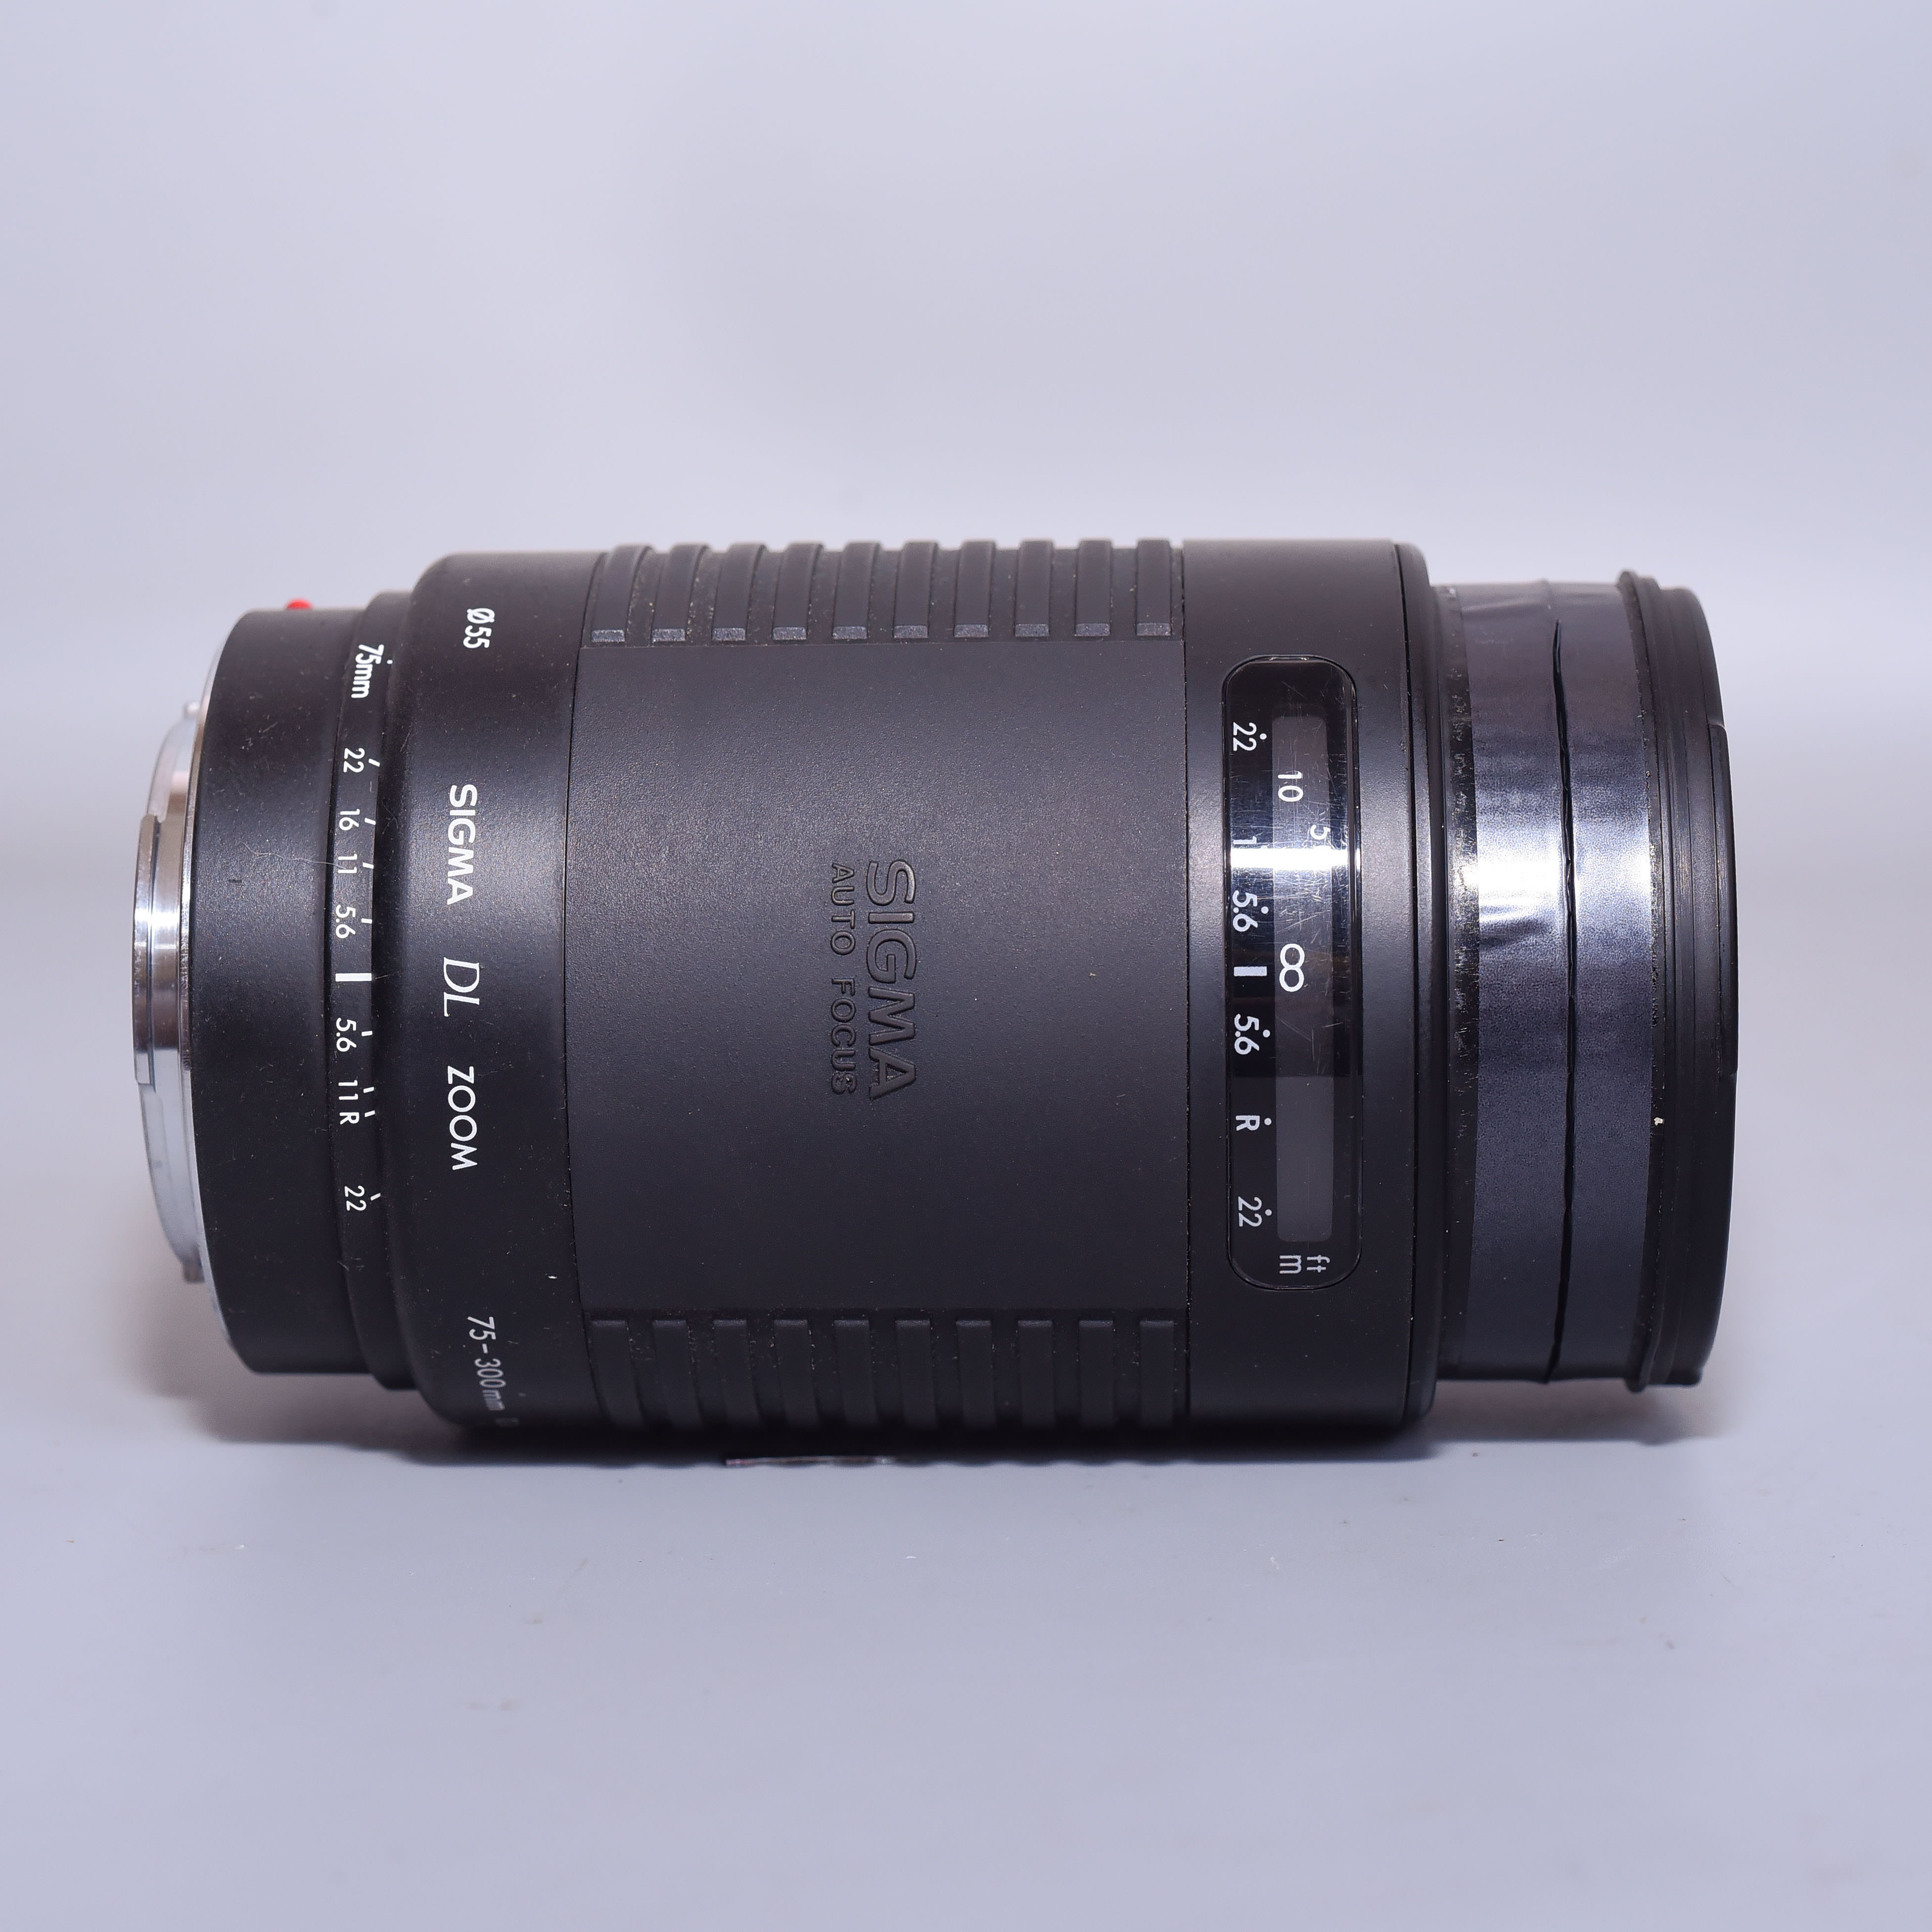 sigma-75-300mm-f4-5-6-dl-af-sony-a-75-300-4-5-6-12401